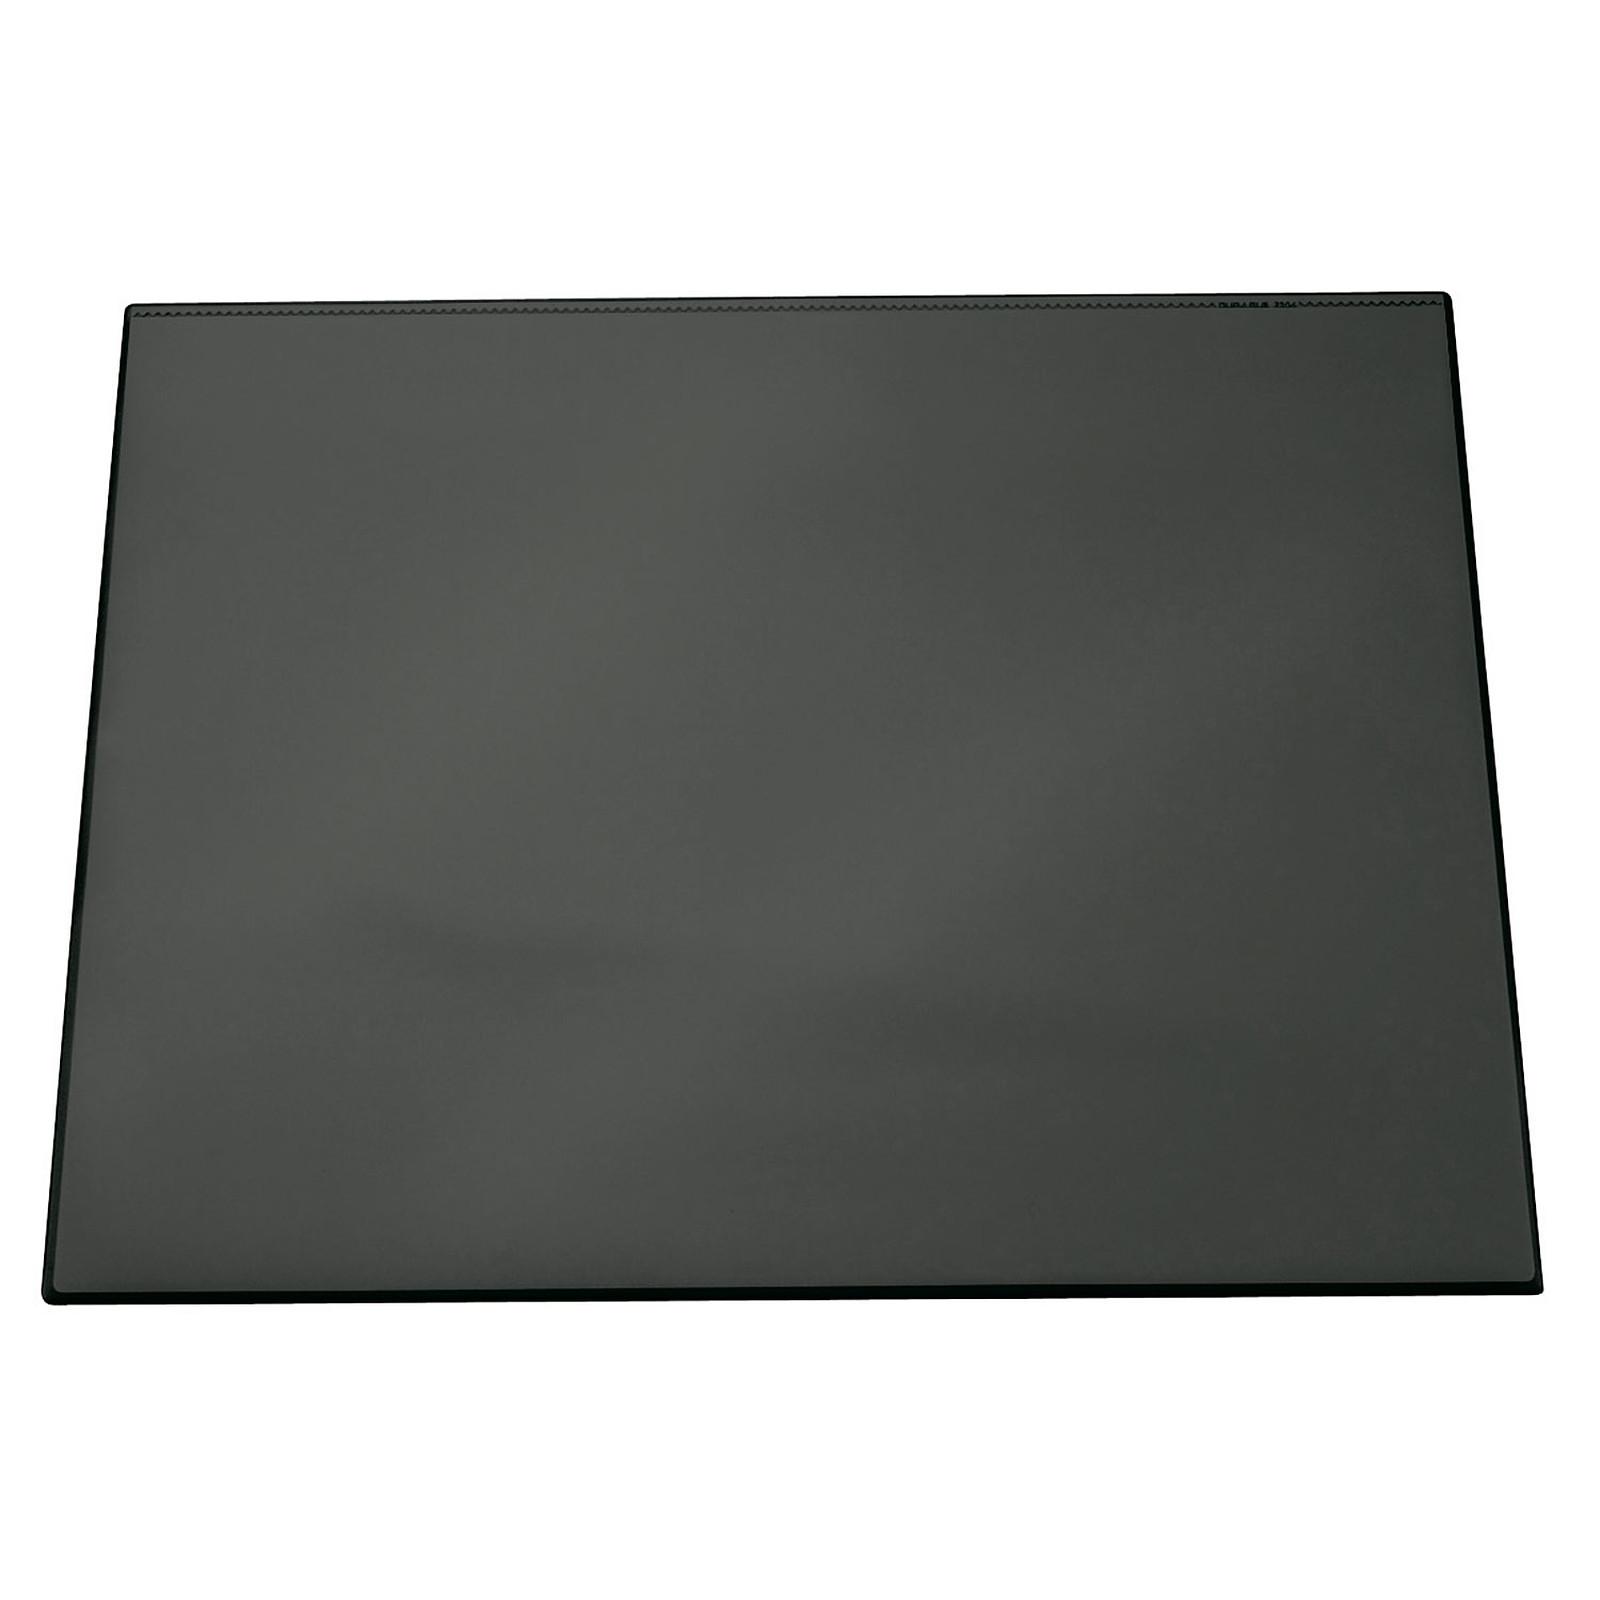 DURABLE Sous-main coloris noir avec rabat transparent 65 x 52 cm